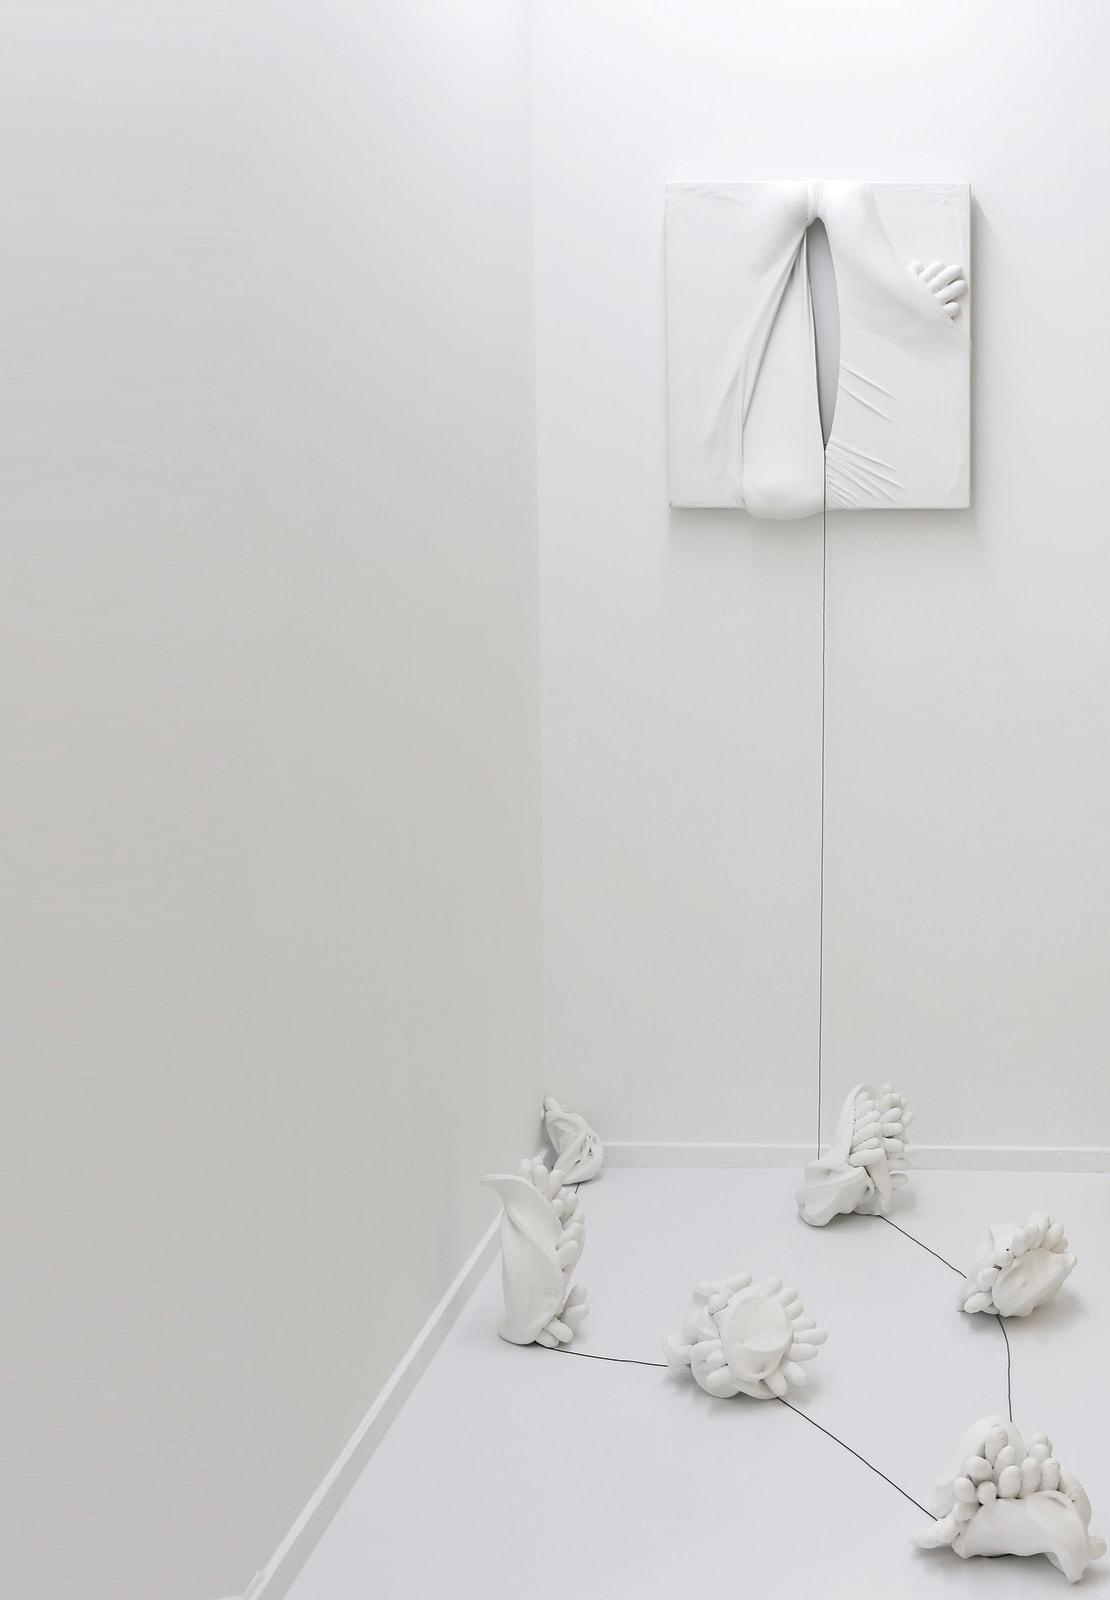 Stella Zhang 張爽, Untitled 無題 14, 2018